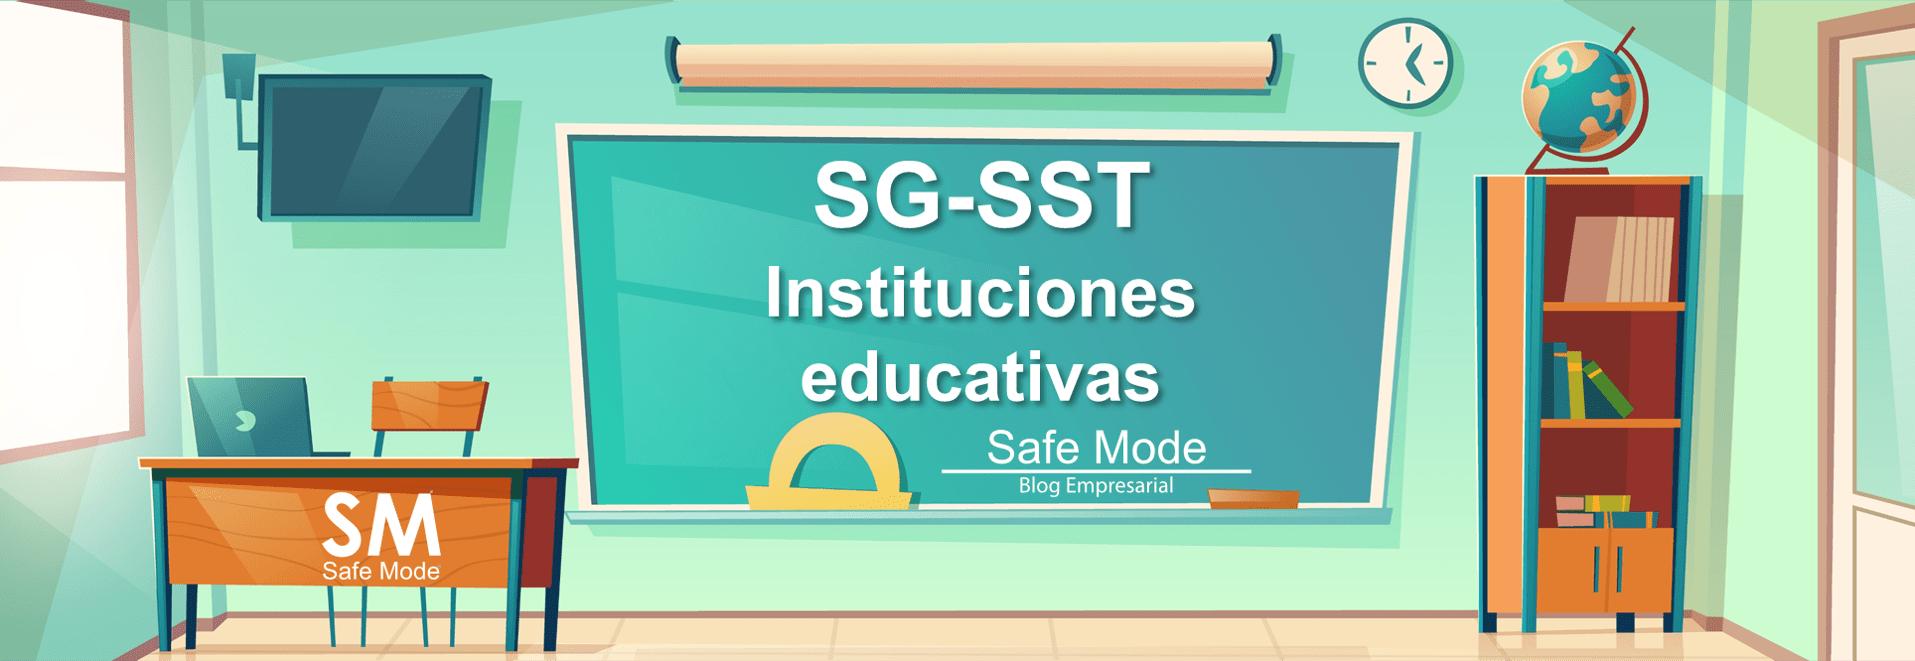 Instituciones educativas con el SG-SST